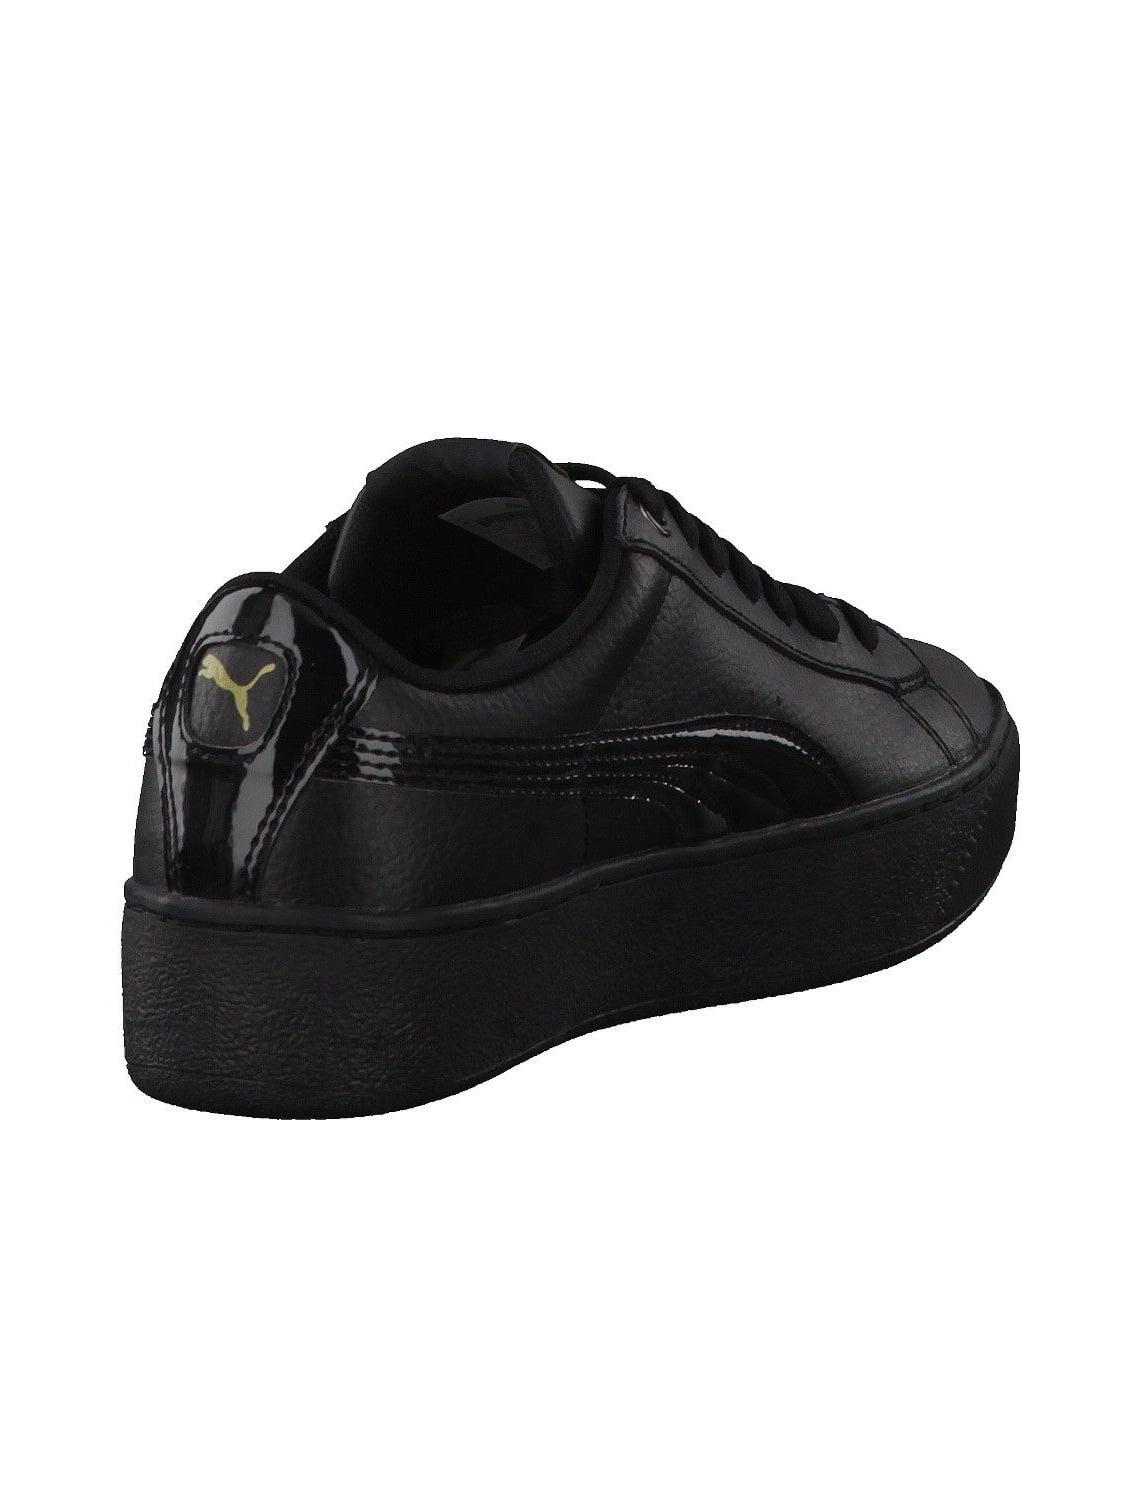 0e7625bfe319d9 PUMA - Puma 364724-02  Vikky Platform Womens Leather Sneaker (6.5 B(M) US)  - Walmart.com